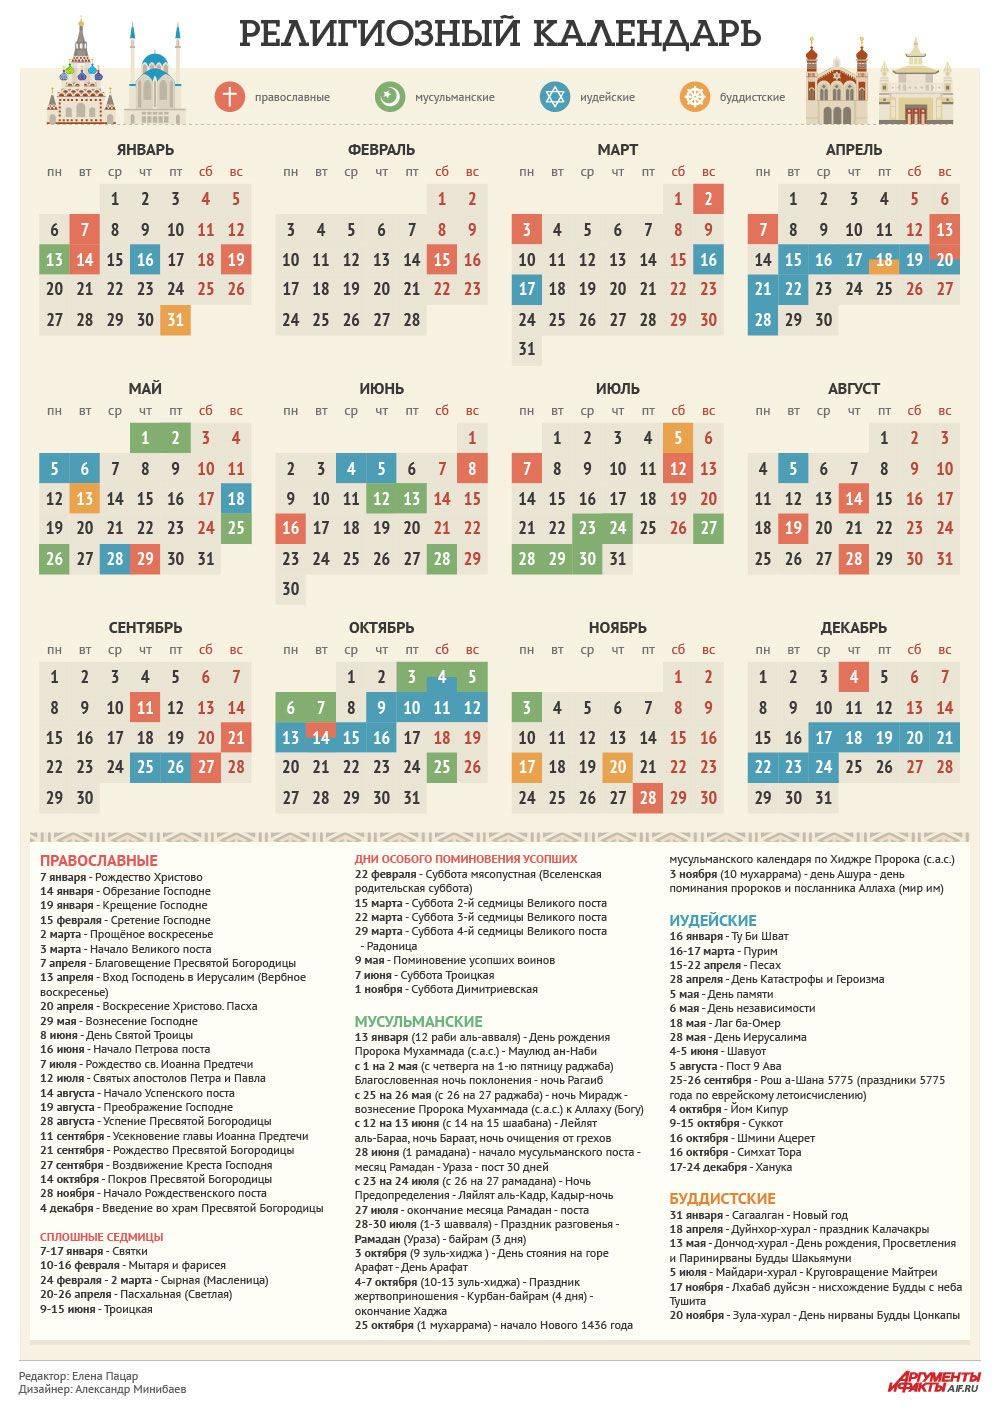 Календарь церковных православных праздников на 2014 год - money-magic.ru